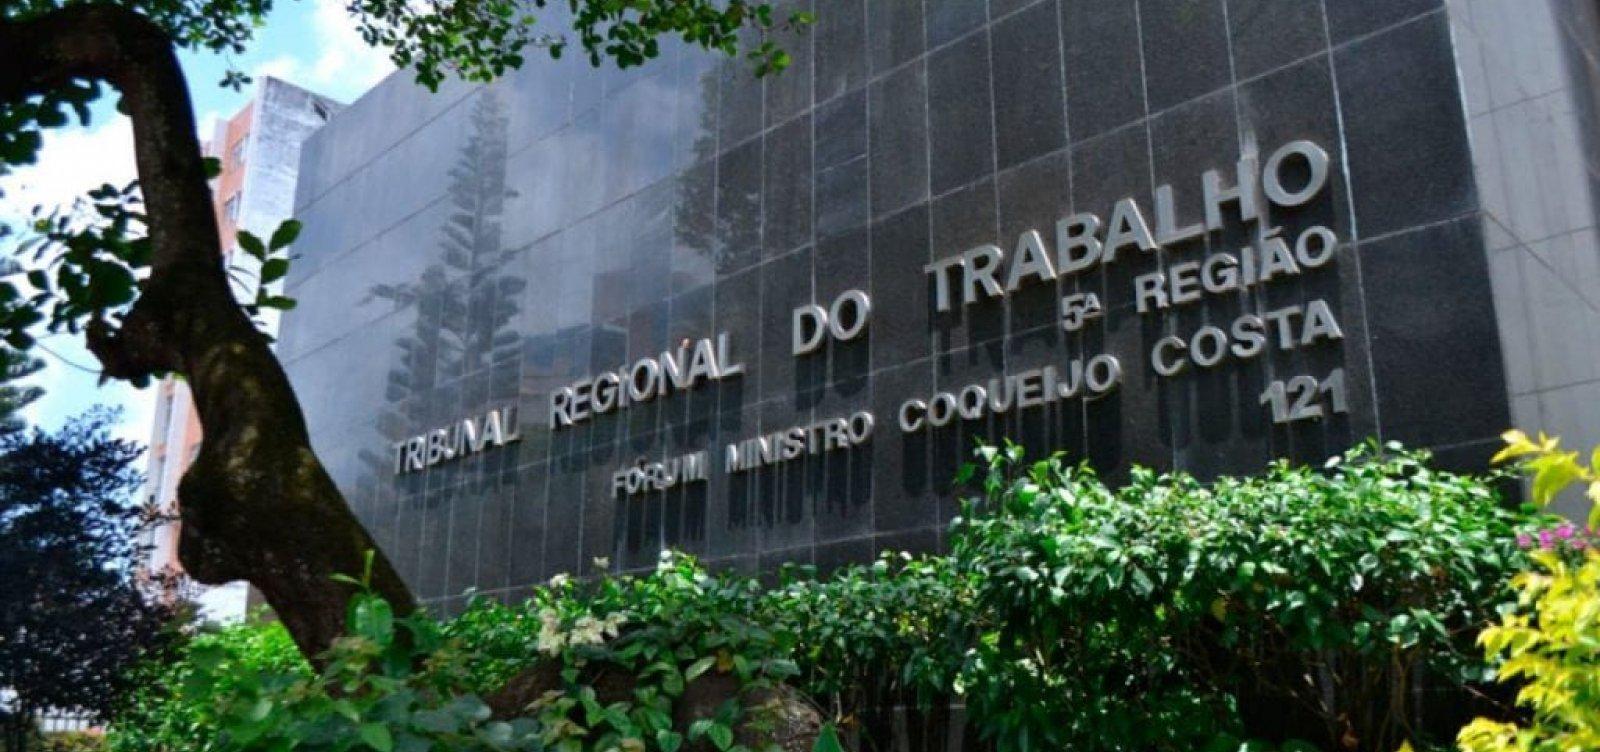 [TRT5 suspende expediente e prazos devido às chuvas em Salvador]